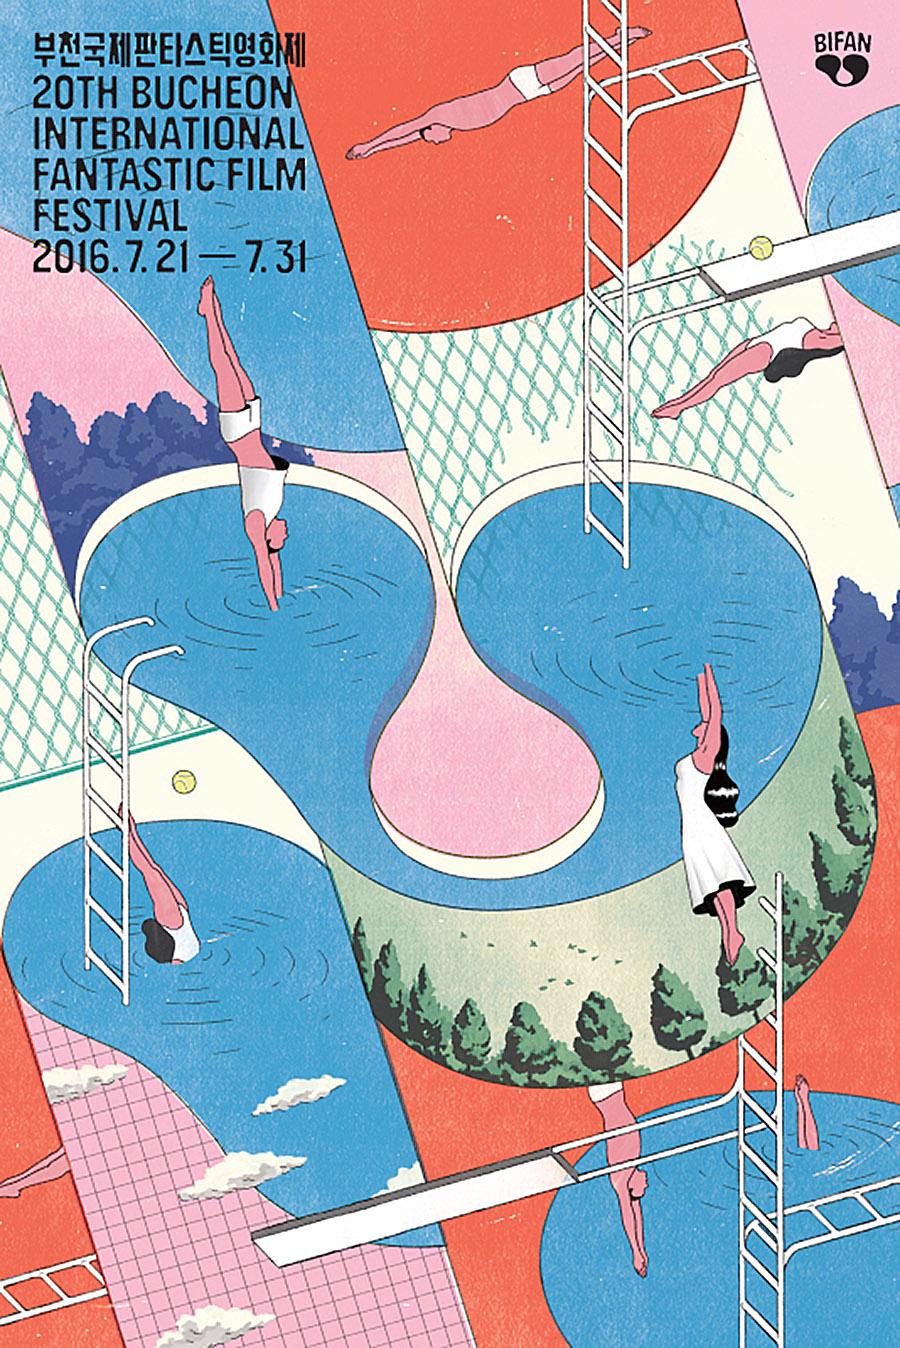 bucheon_poster